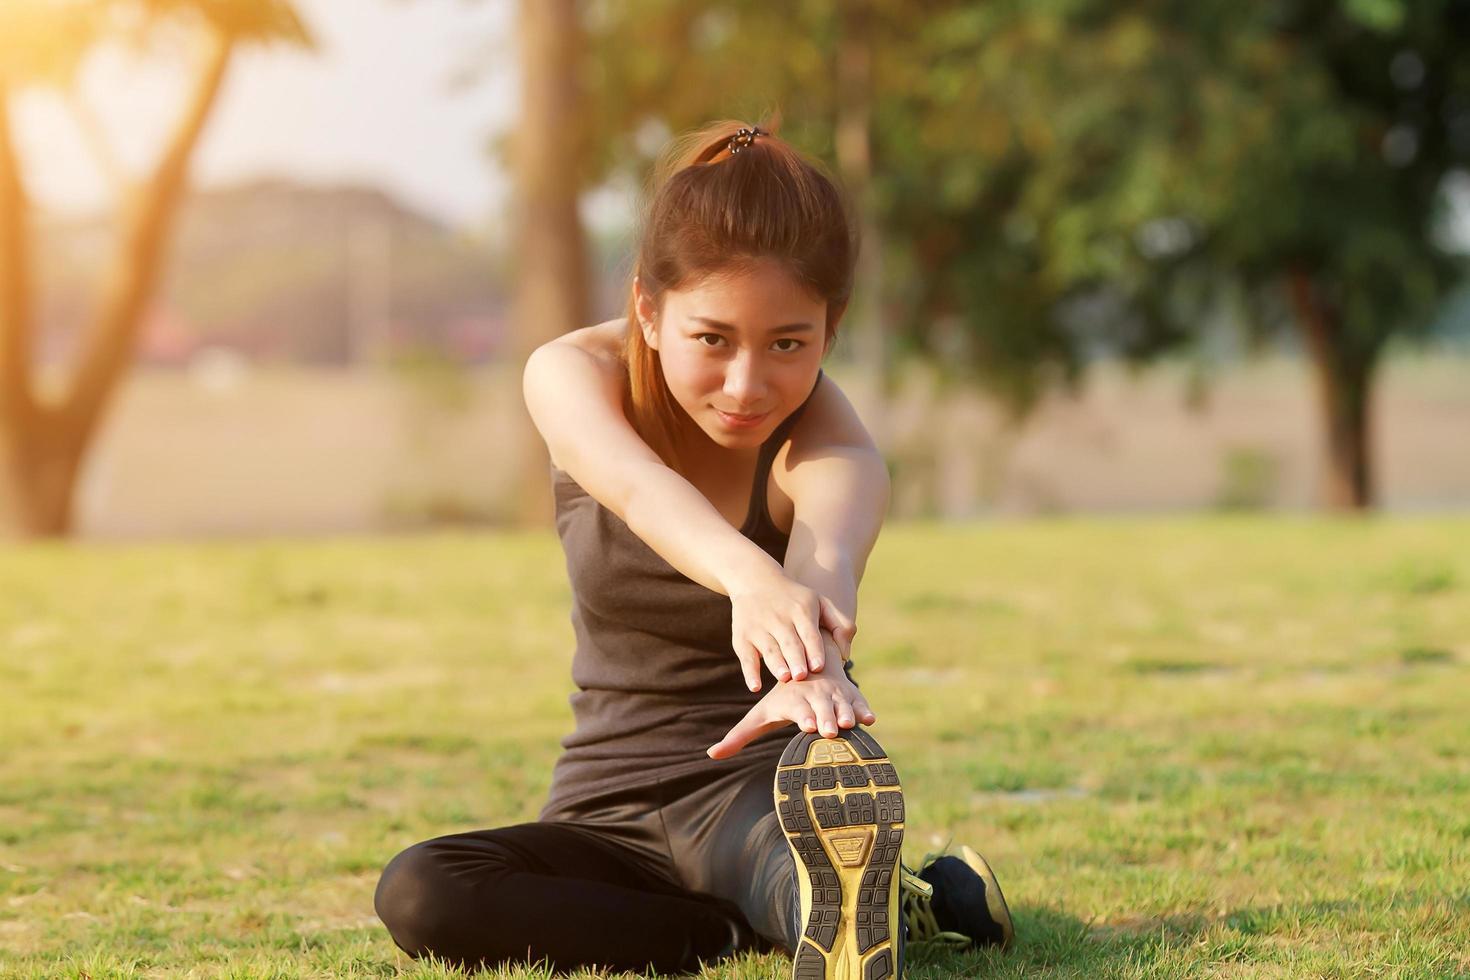 donna atletica in fase di riscaldamento e stretching foto